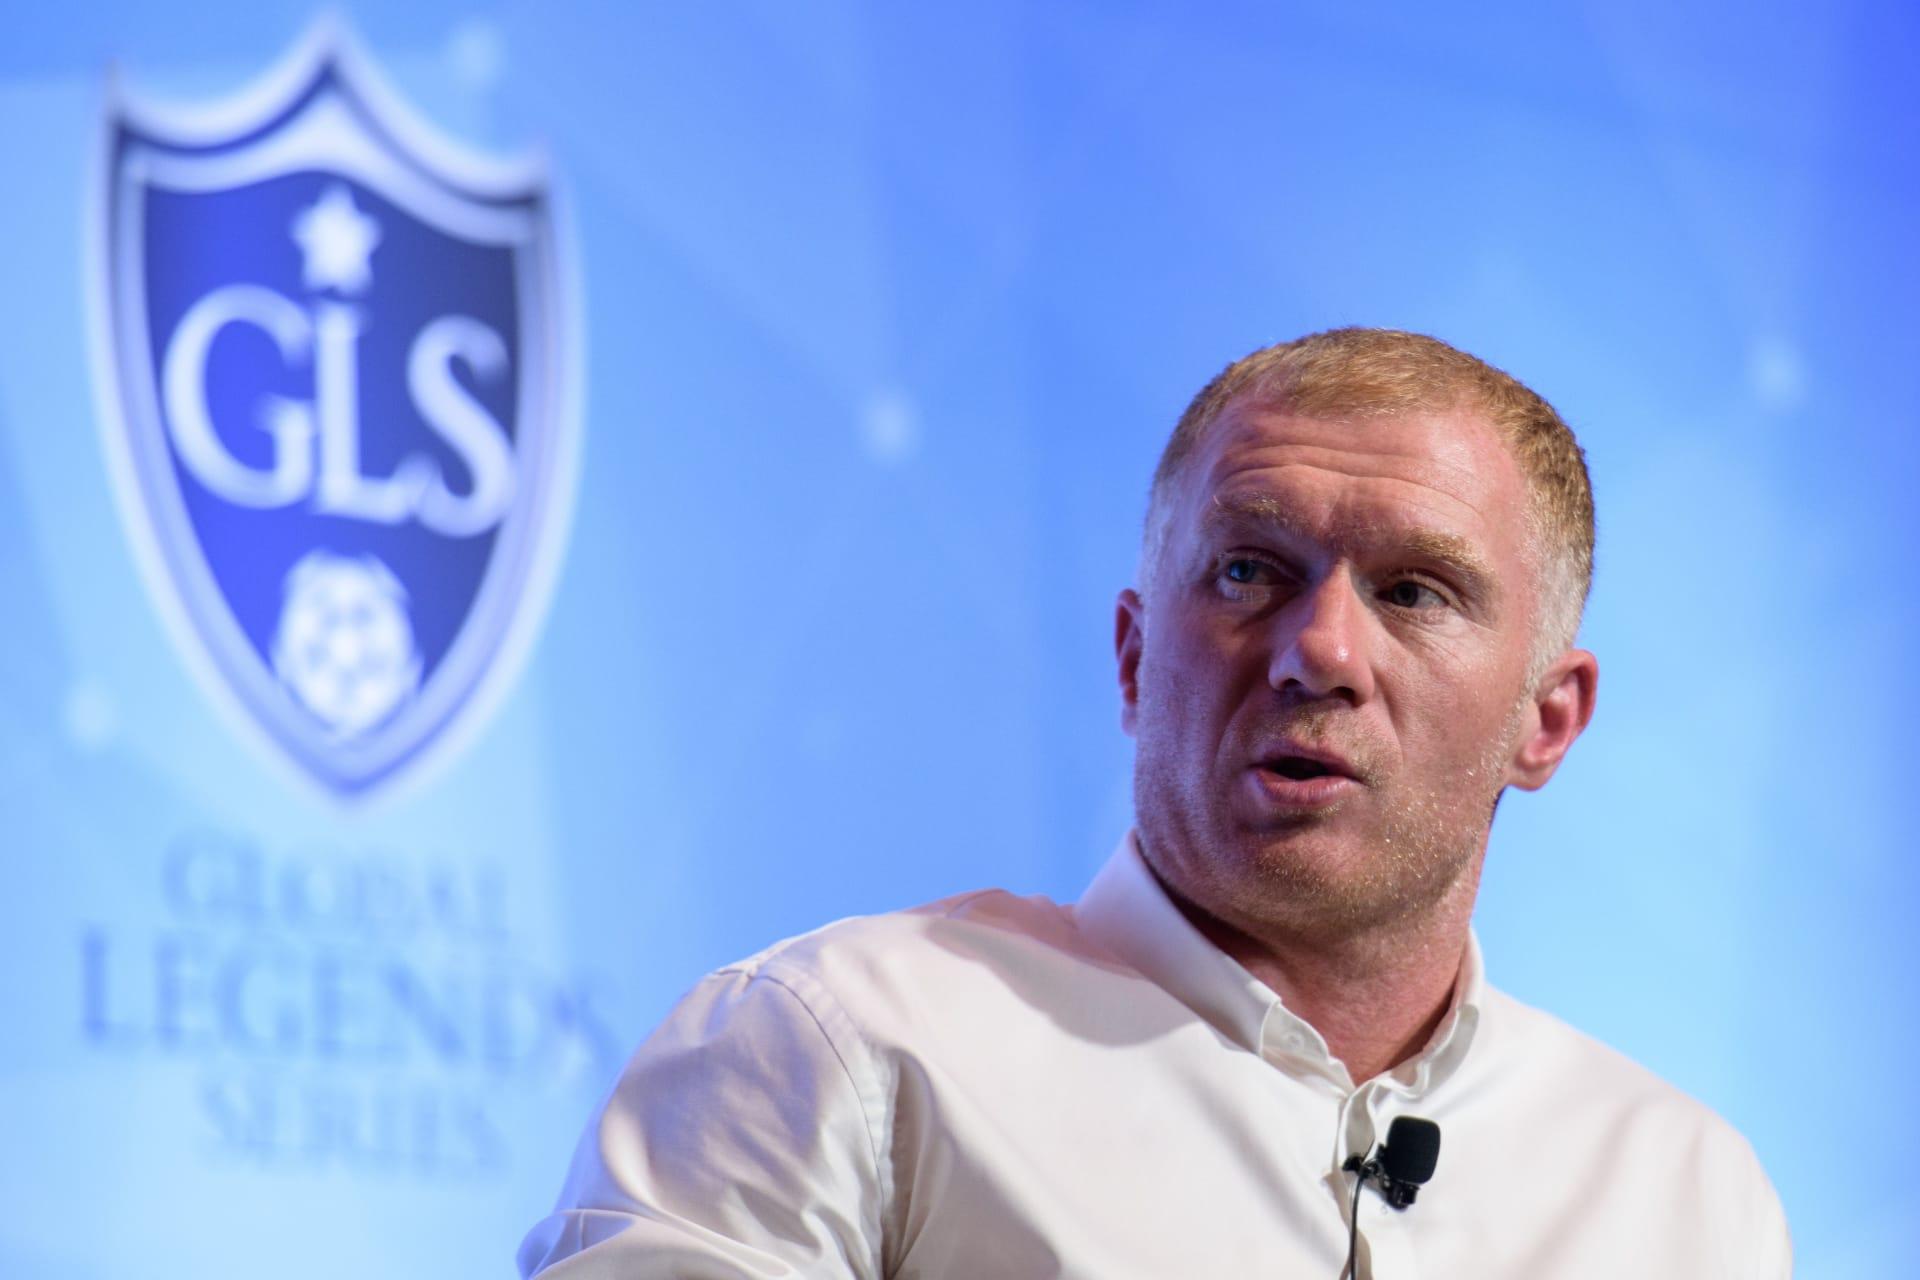 بول سكولز ينتقد الفريق الحالي لمانشستر يونايتد: حتى ميسي سيعاني فيه